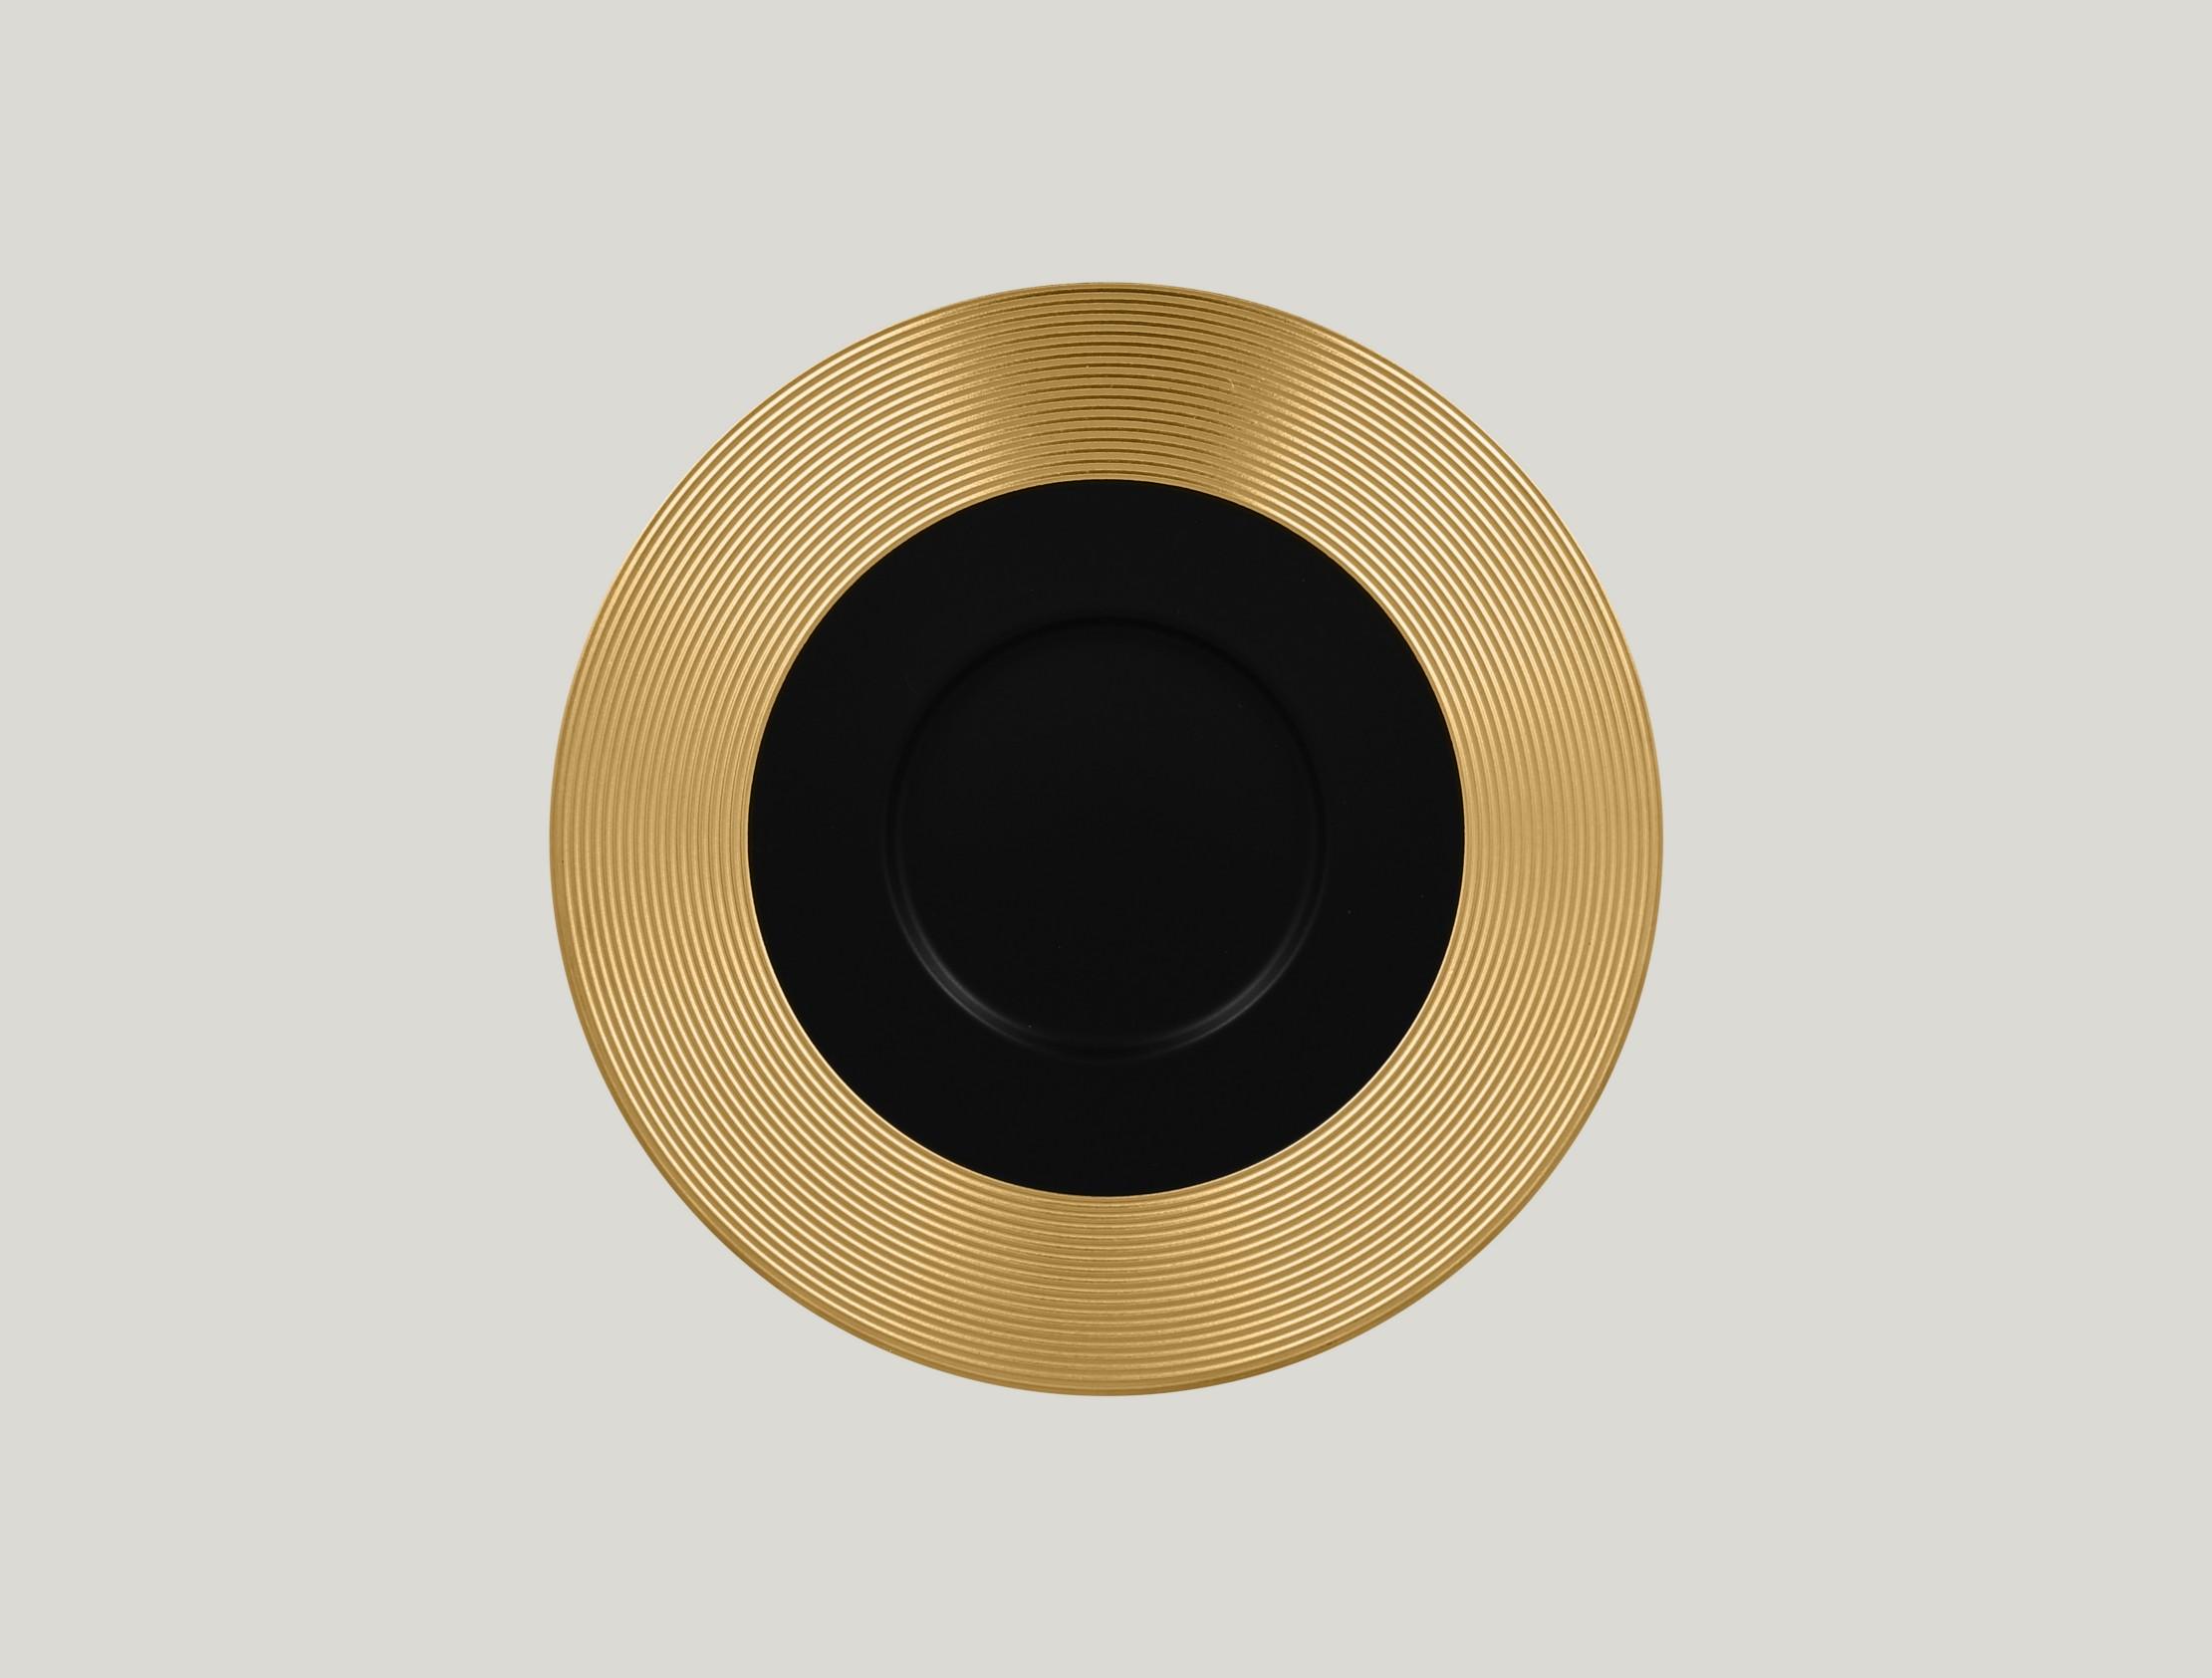 Gourmet Mělký talíř - gold ANTIC